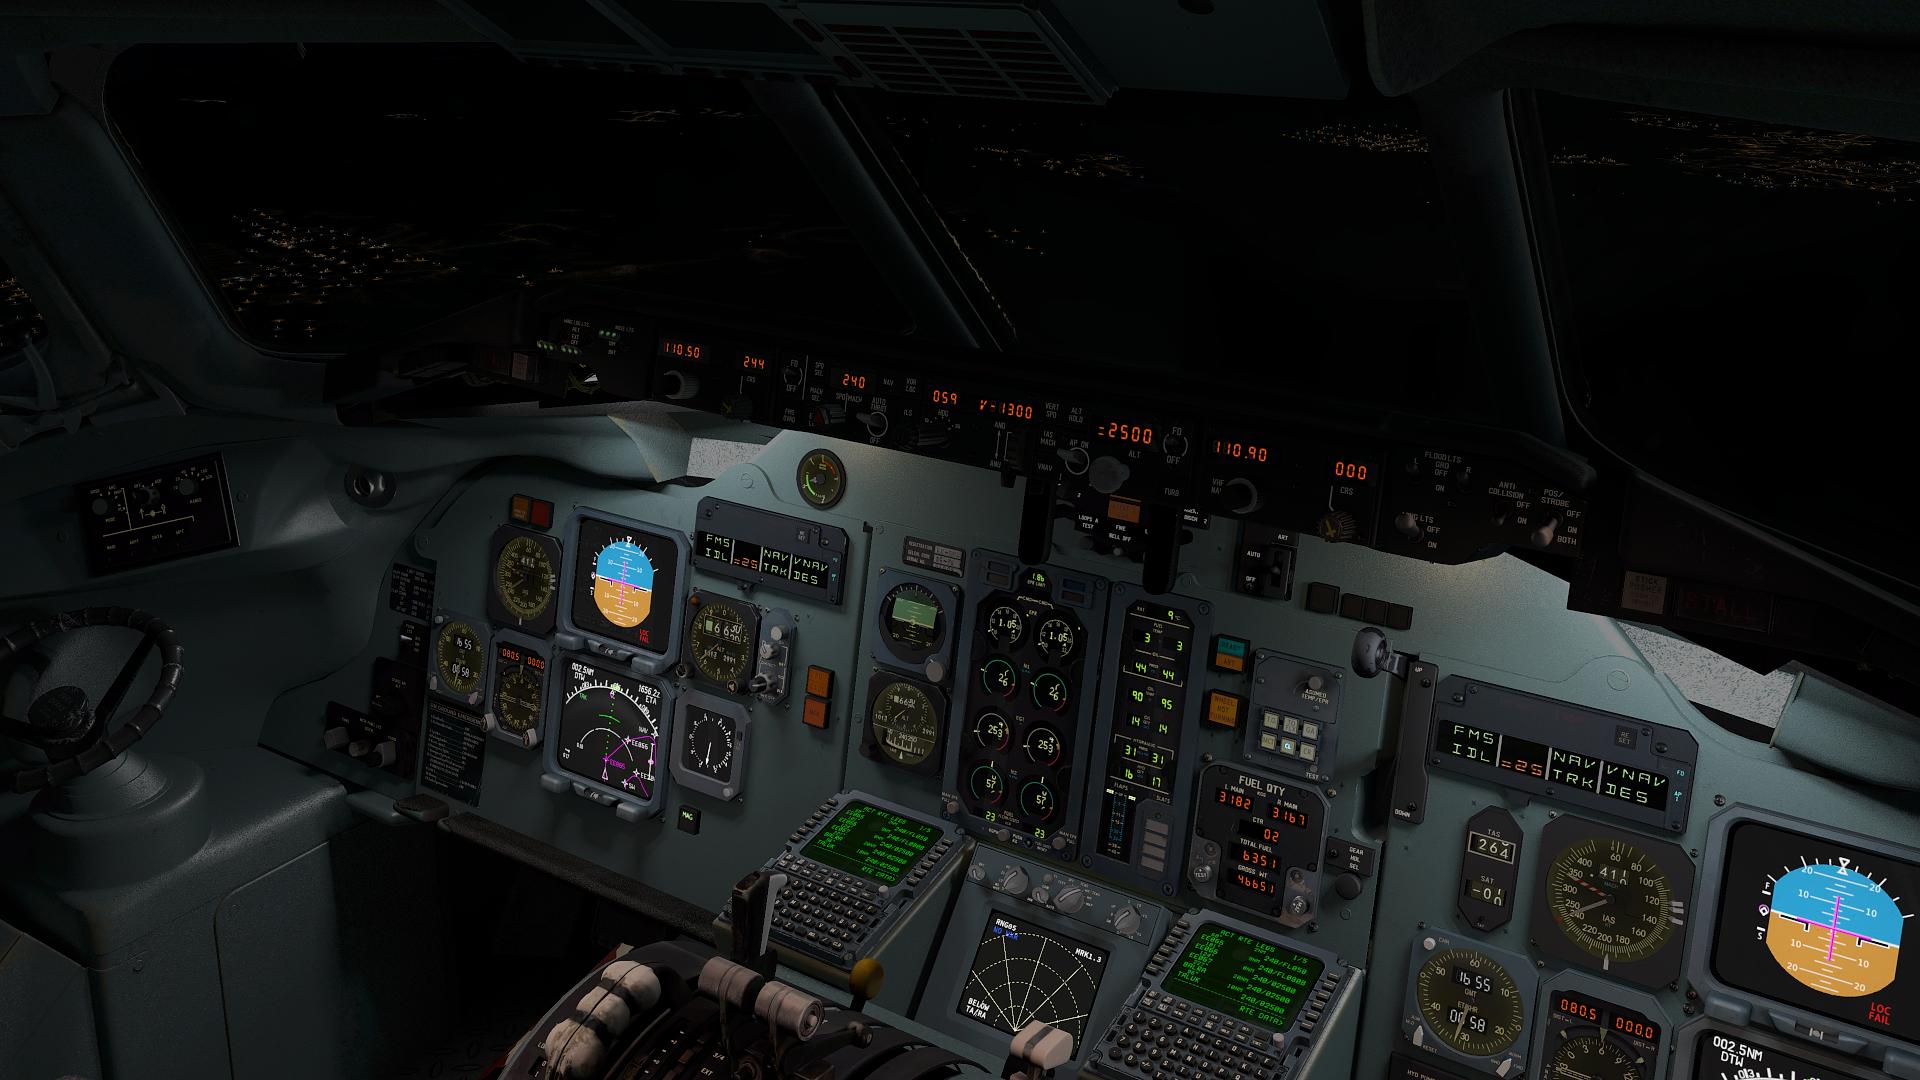 X-Plane Screenshot 2019.08.01 - 00.34.34.55.png